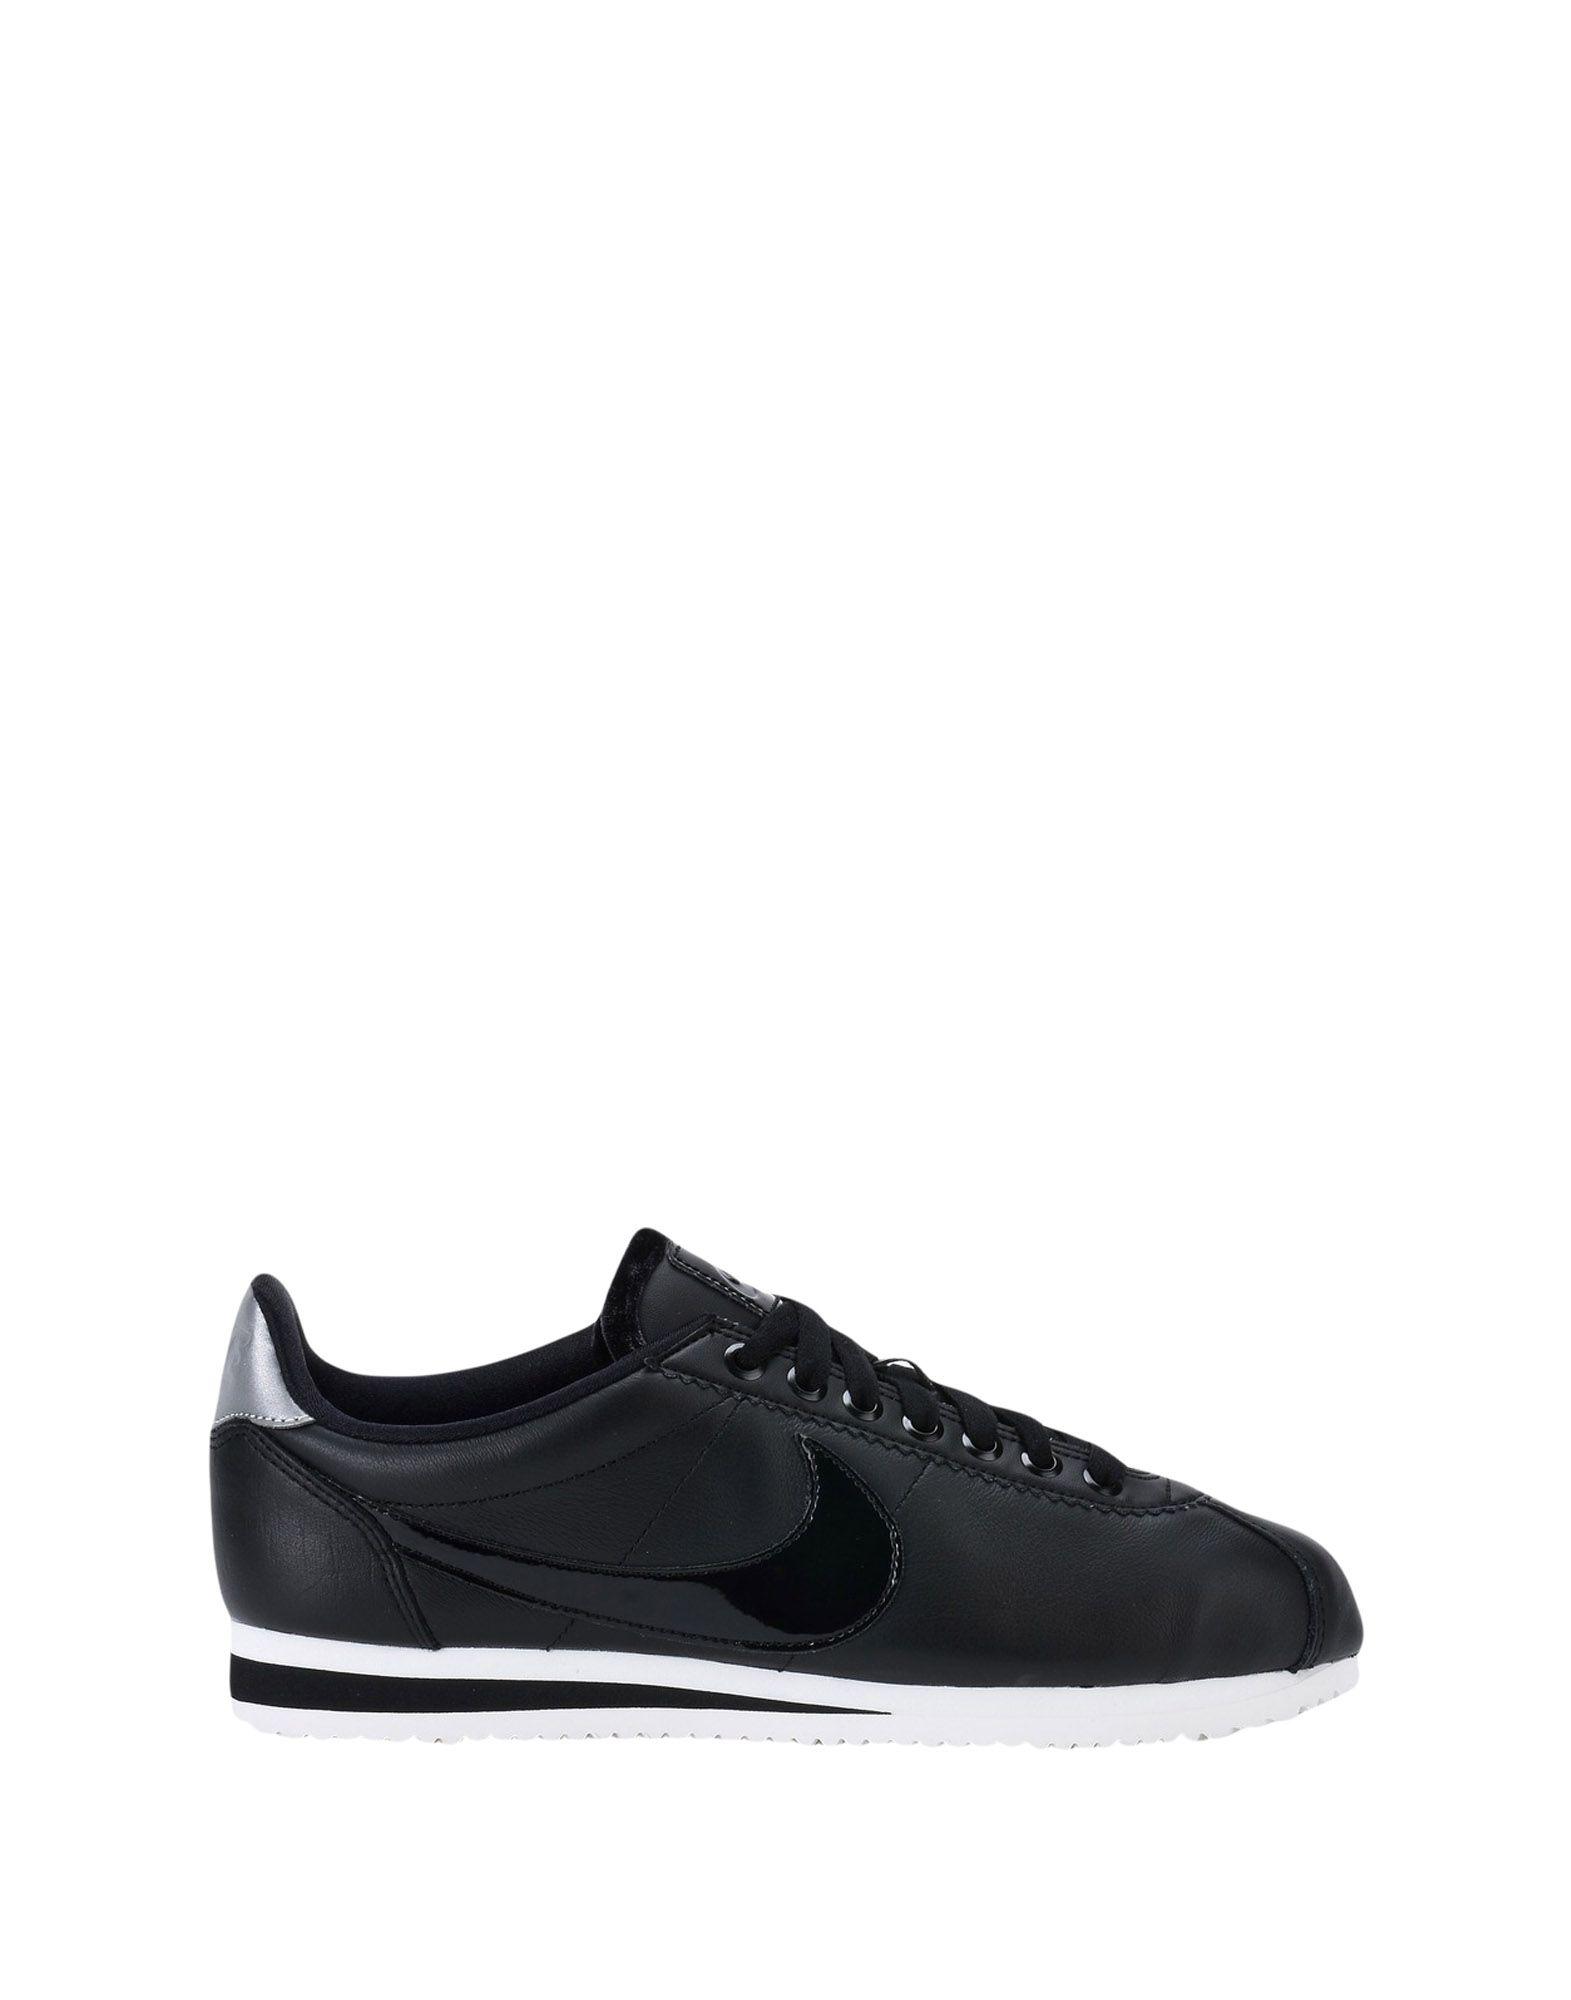 Sneakers Nike Wmns Classic Cortez Se Prm - Femme - Sneakers Nike sur